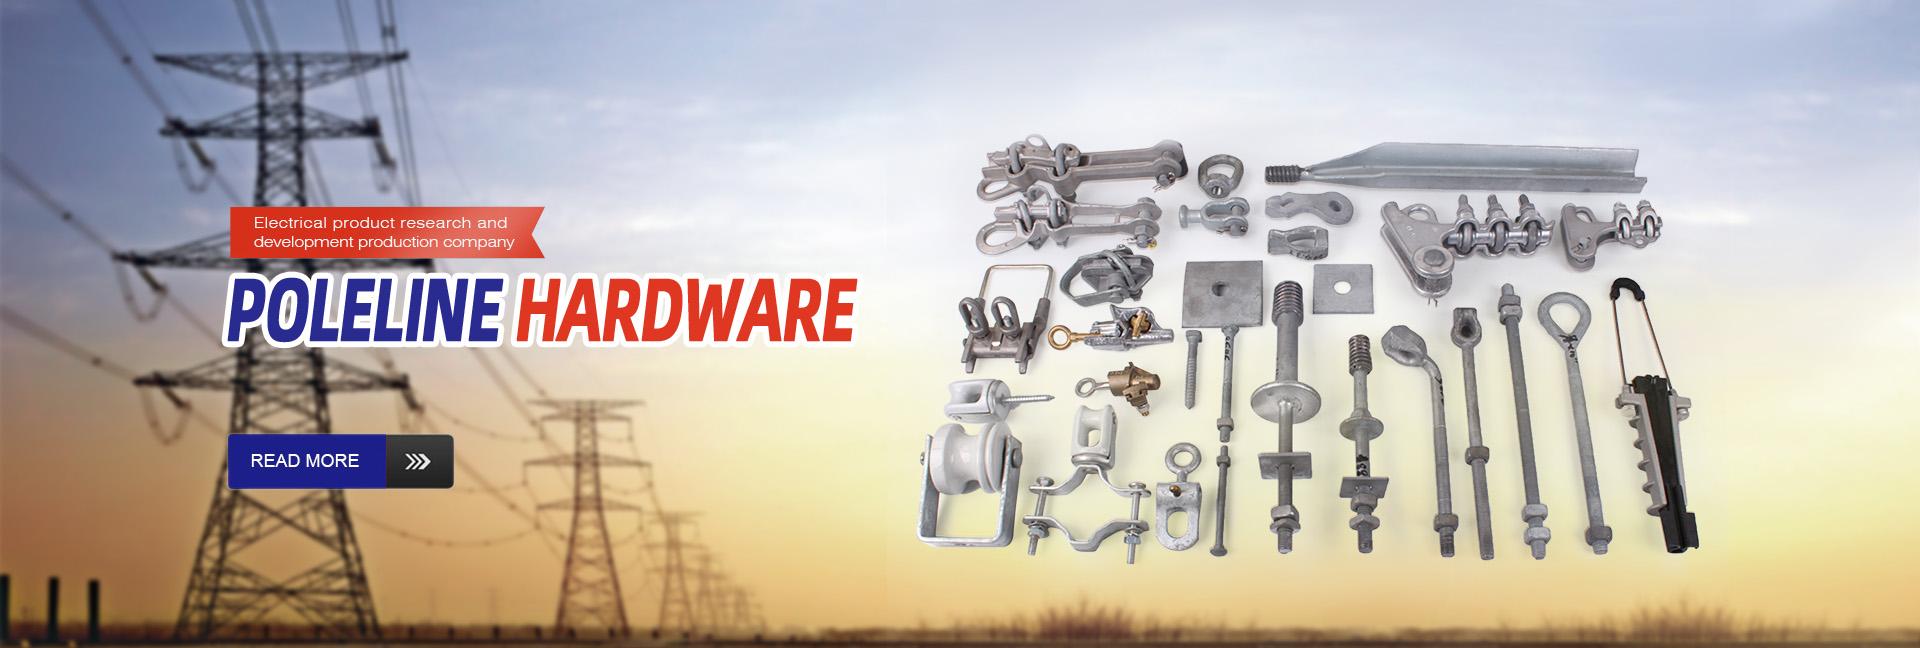 poleline hardware